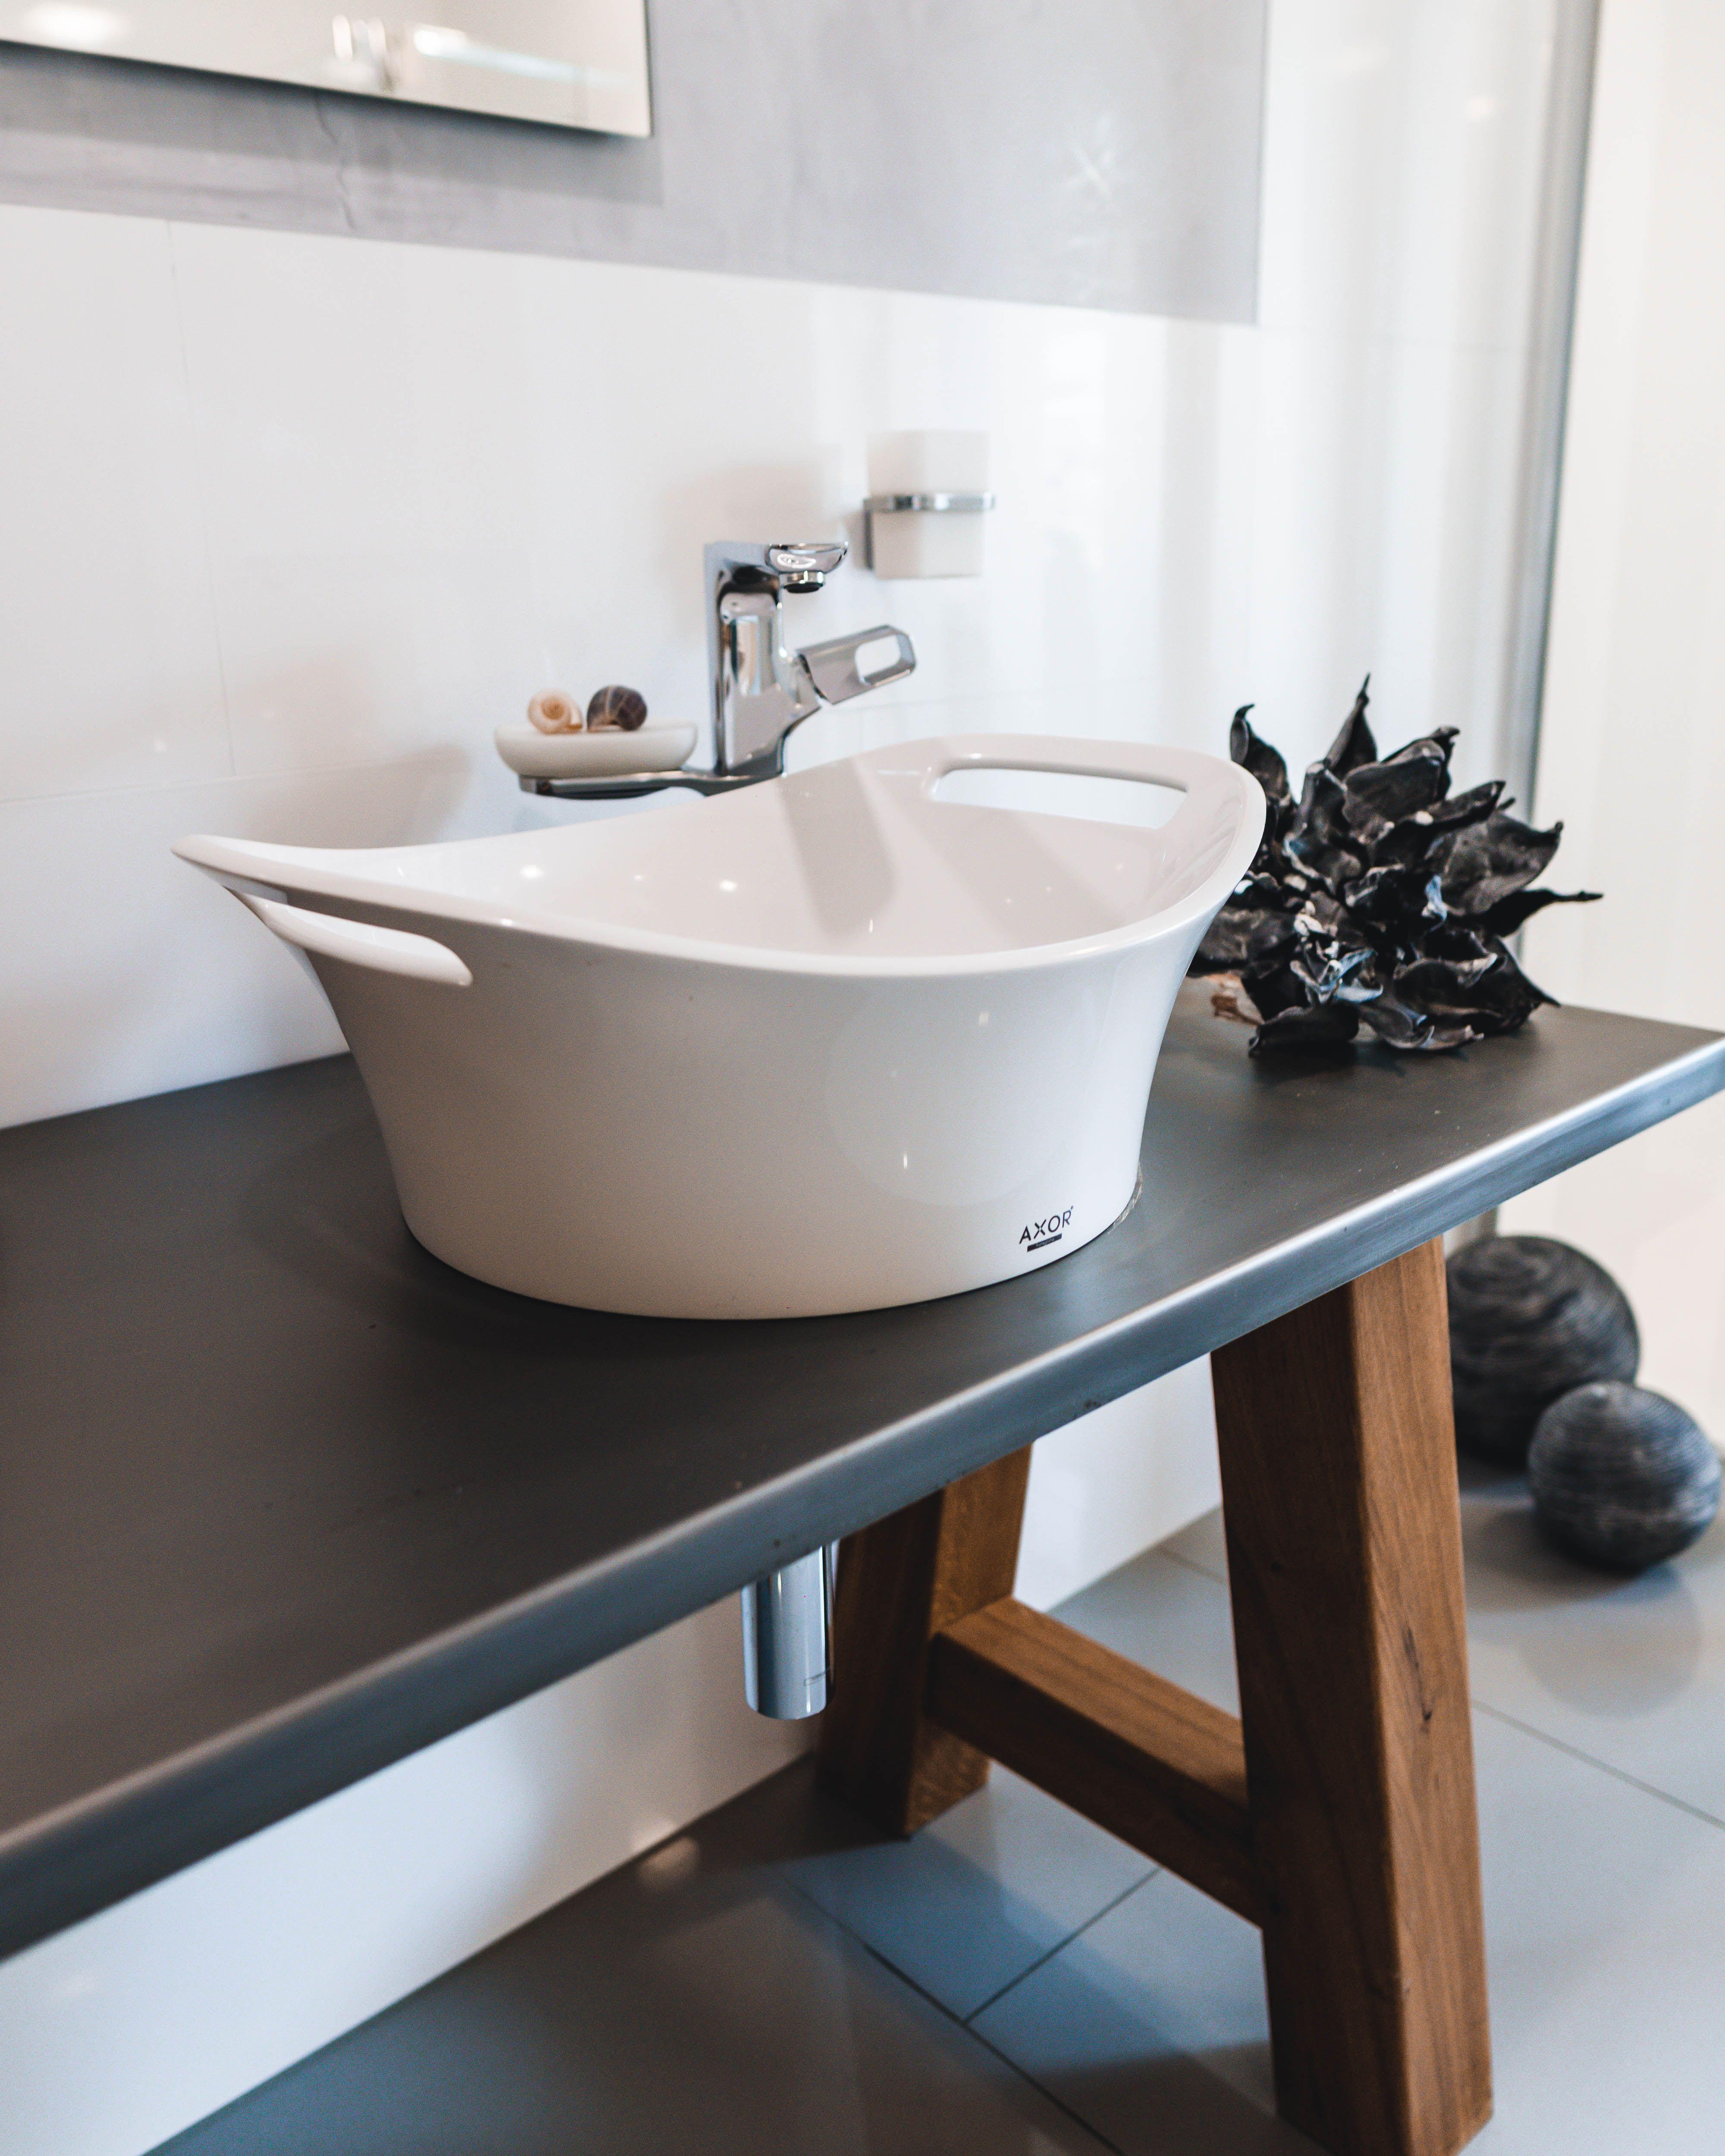 Ein Aufgesetztes Waschbecken Liegt Momentan Voll Im Trend Und Macht Dein Bad Zu Einem Echten Hingucker Vor Allem In Badsanierung Badausstellung Bad Einrichten